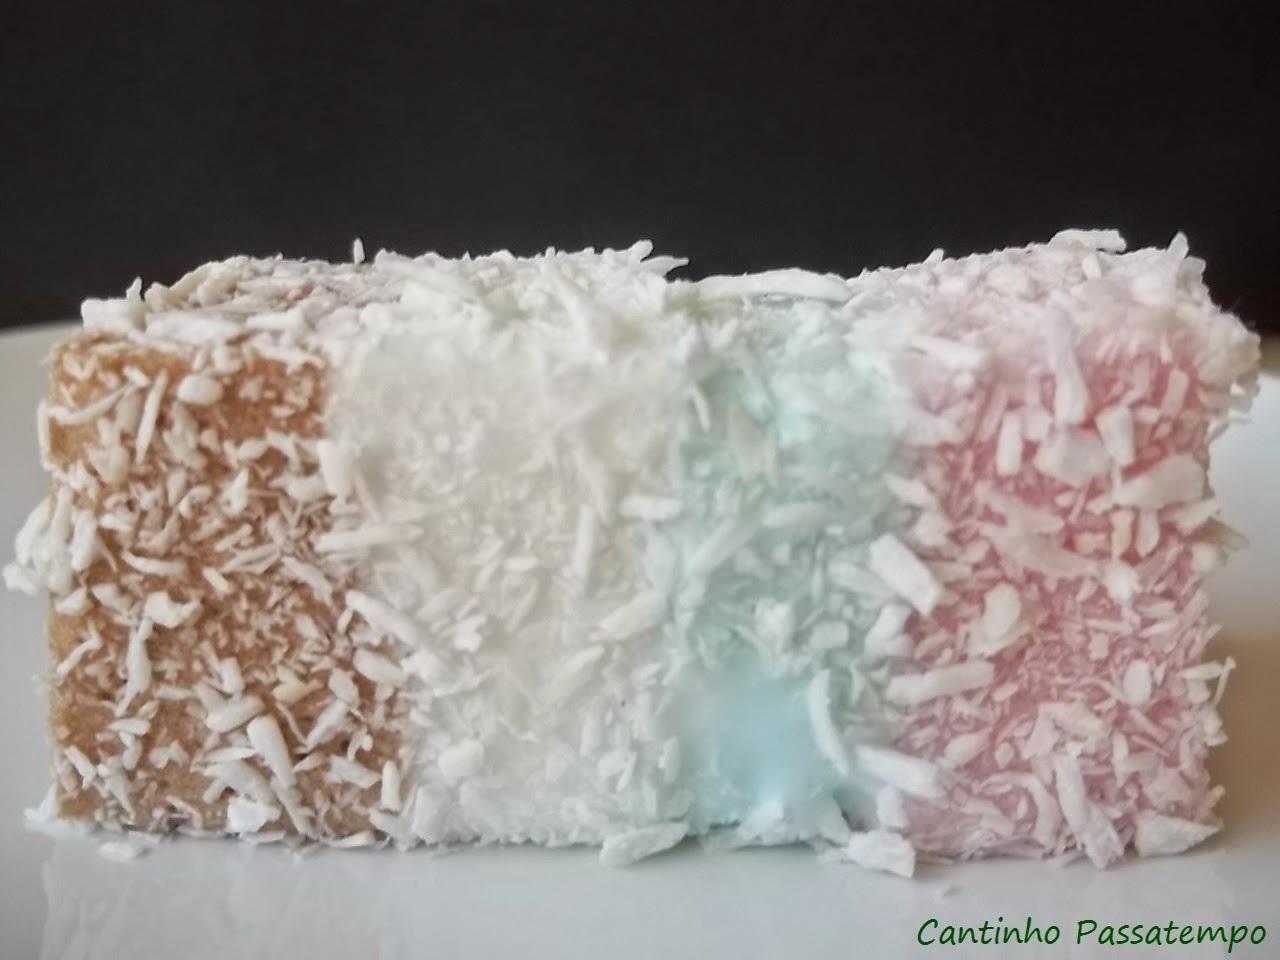 gelatina colorida com maria mole